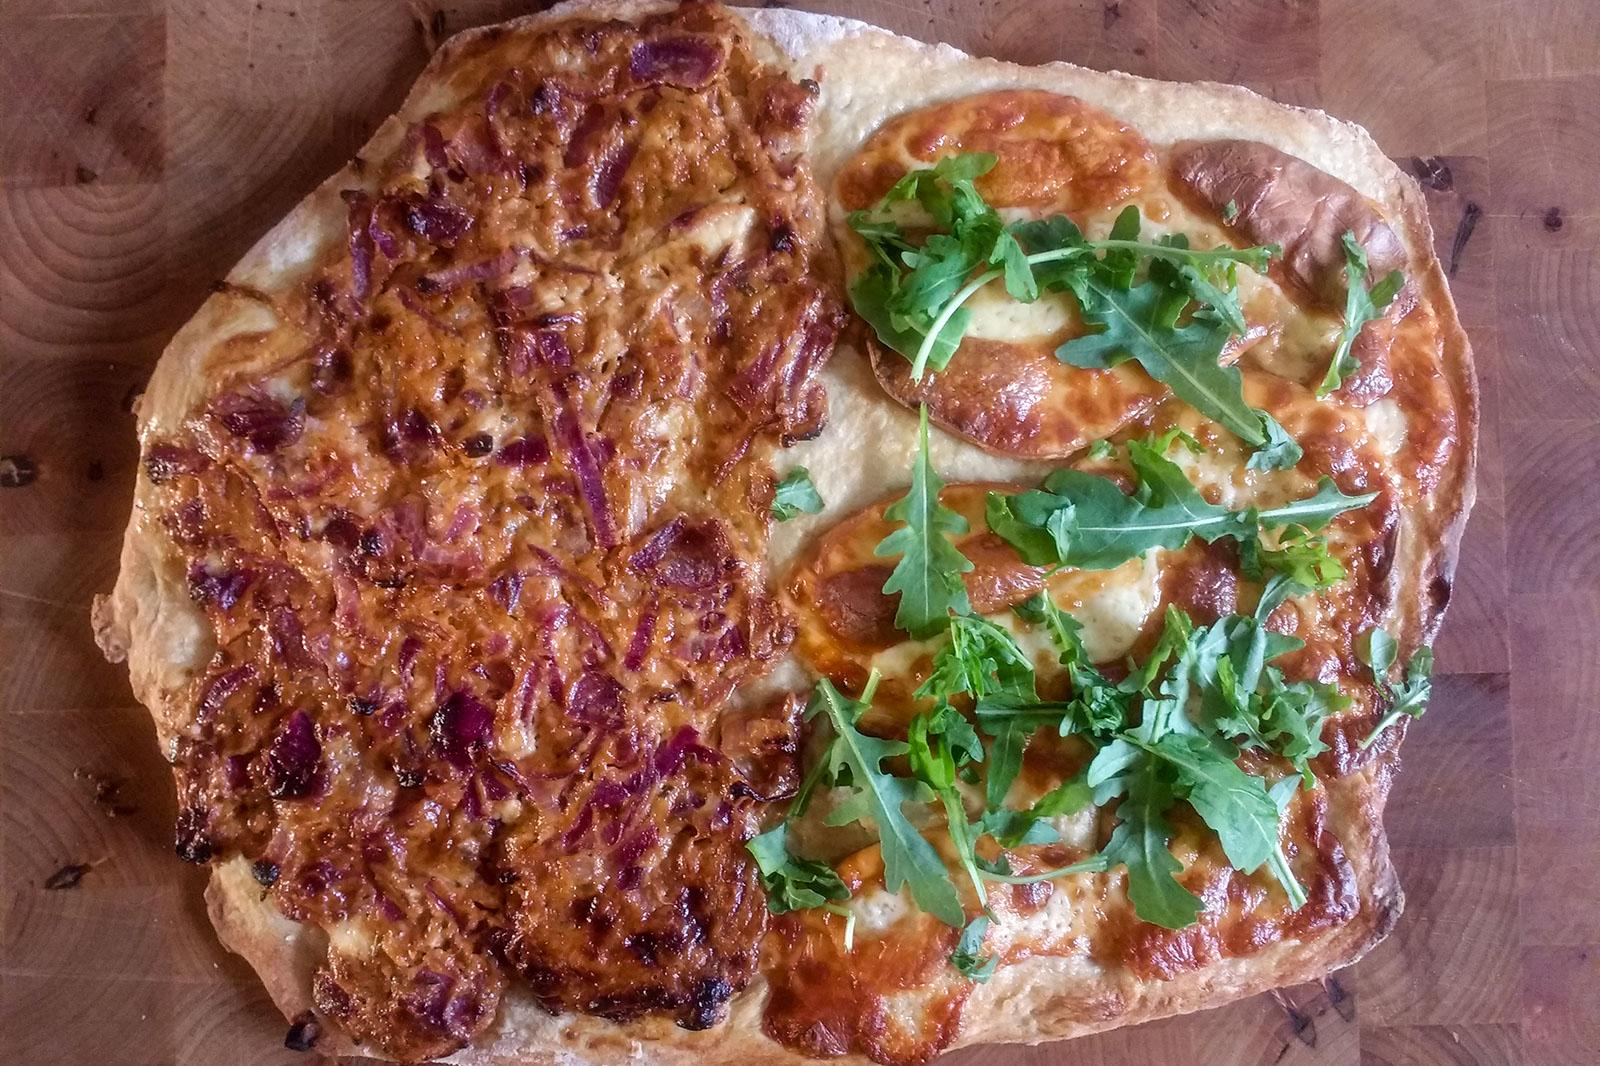 Flammkuchen Duett - links die Zwiebel-Barbeque Sauce Variante und rechts mit Scamorza affumicaata und Ruccola